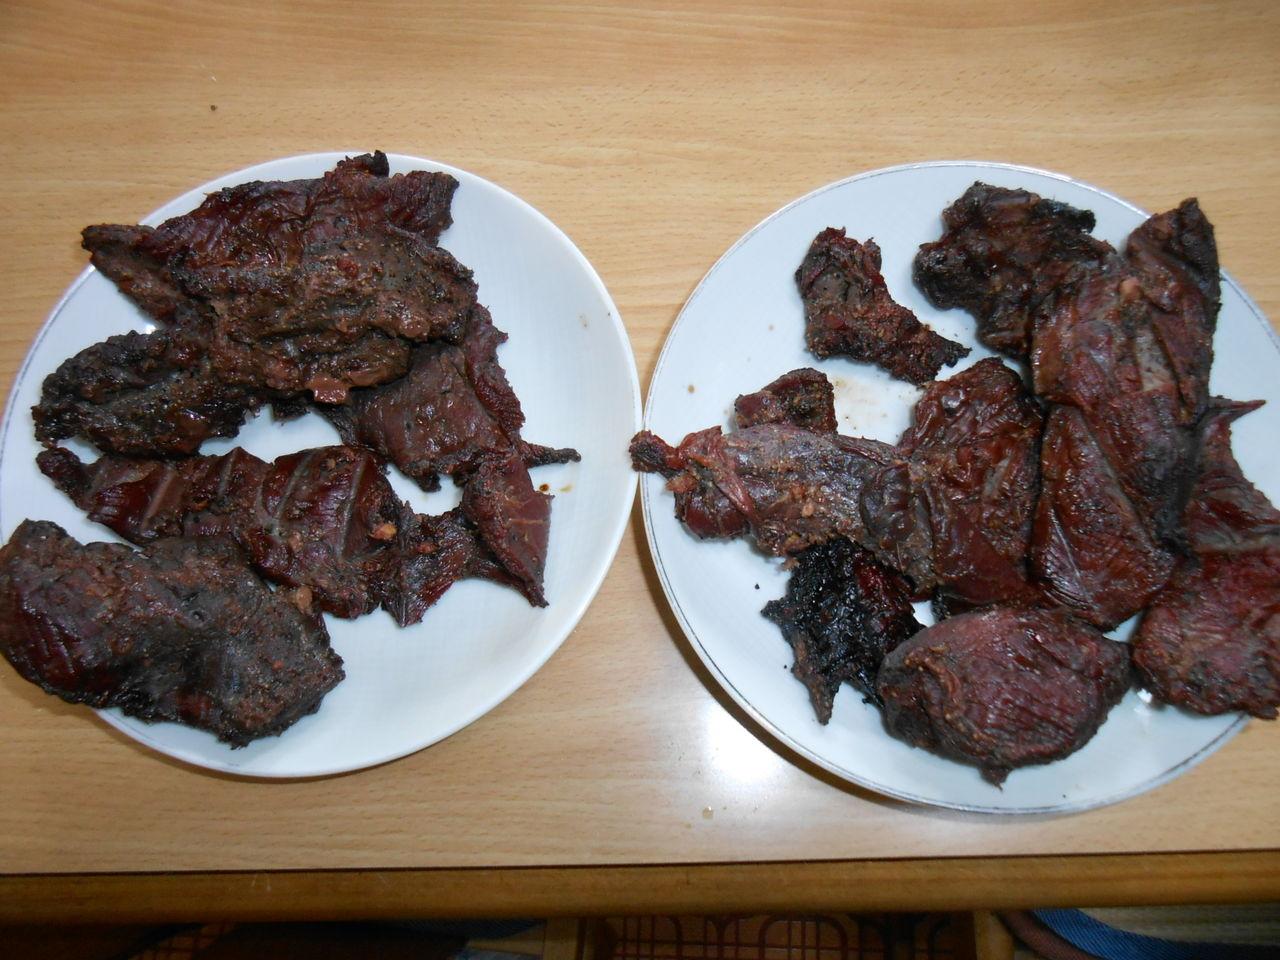 鹿肉の燻製造りに初挑戦。4/12,丸木小屋の囲炉裏の火入れ式 ...